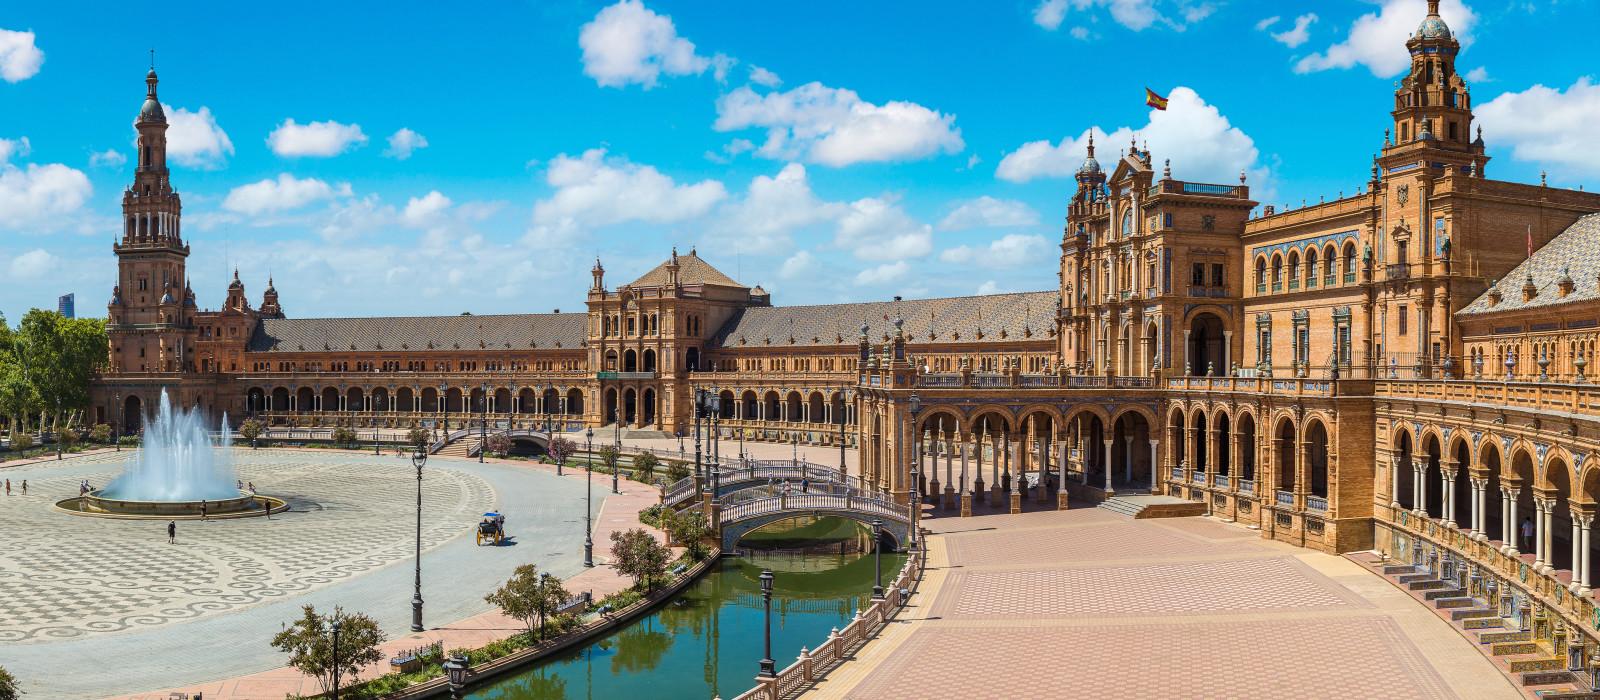 Destination Seville Spain